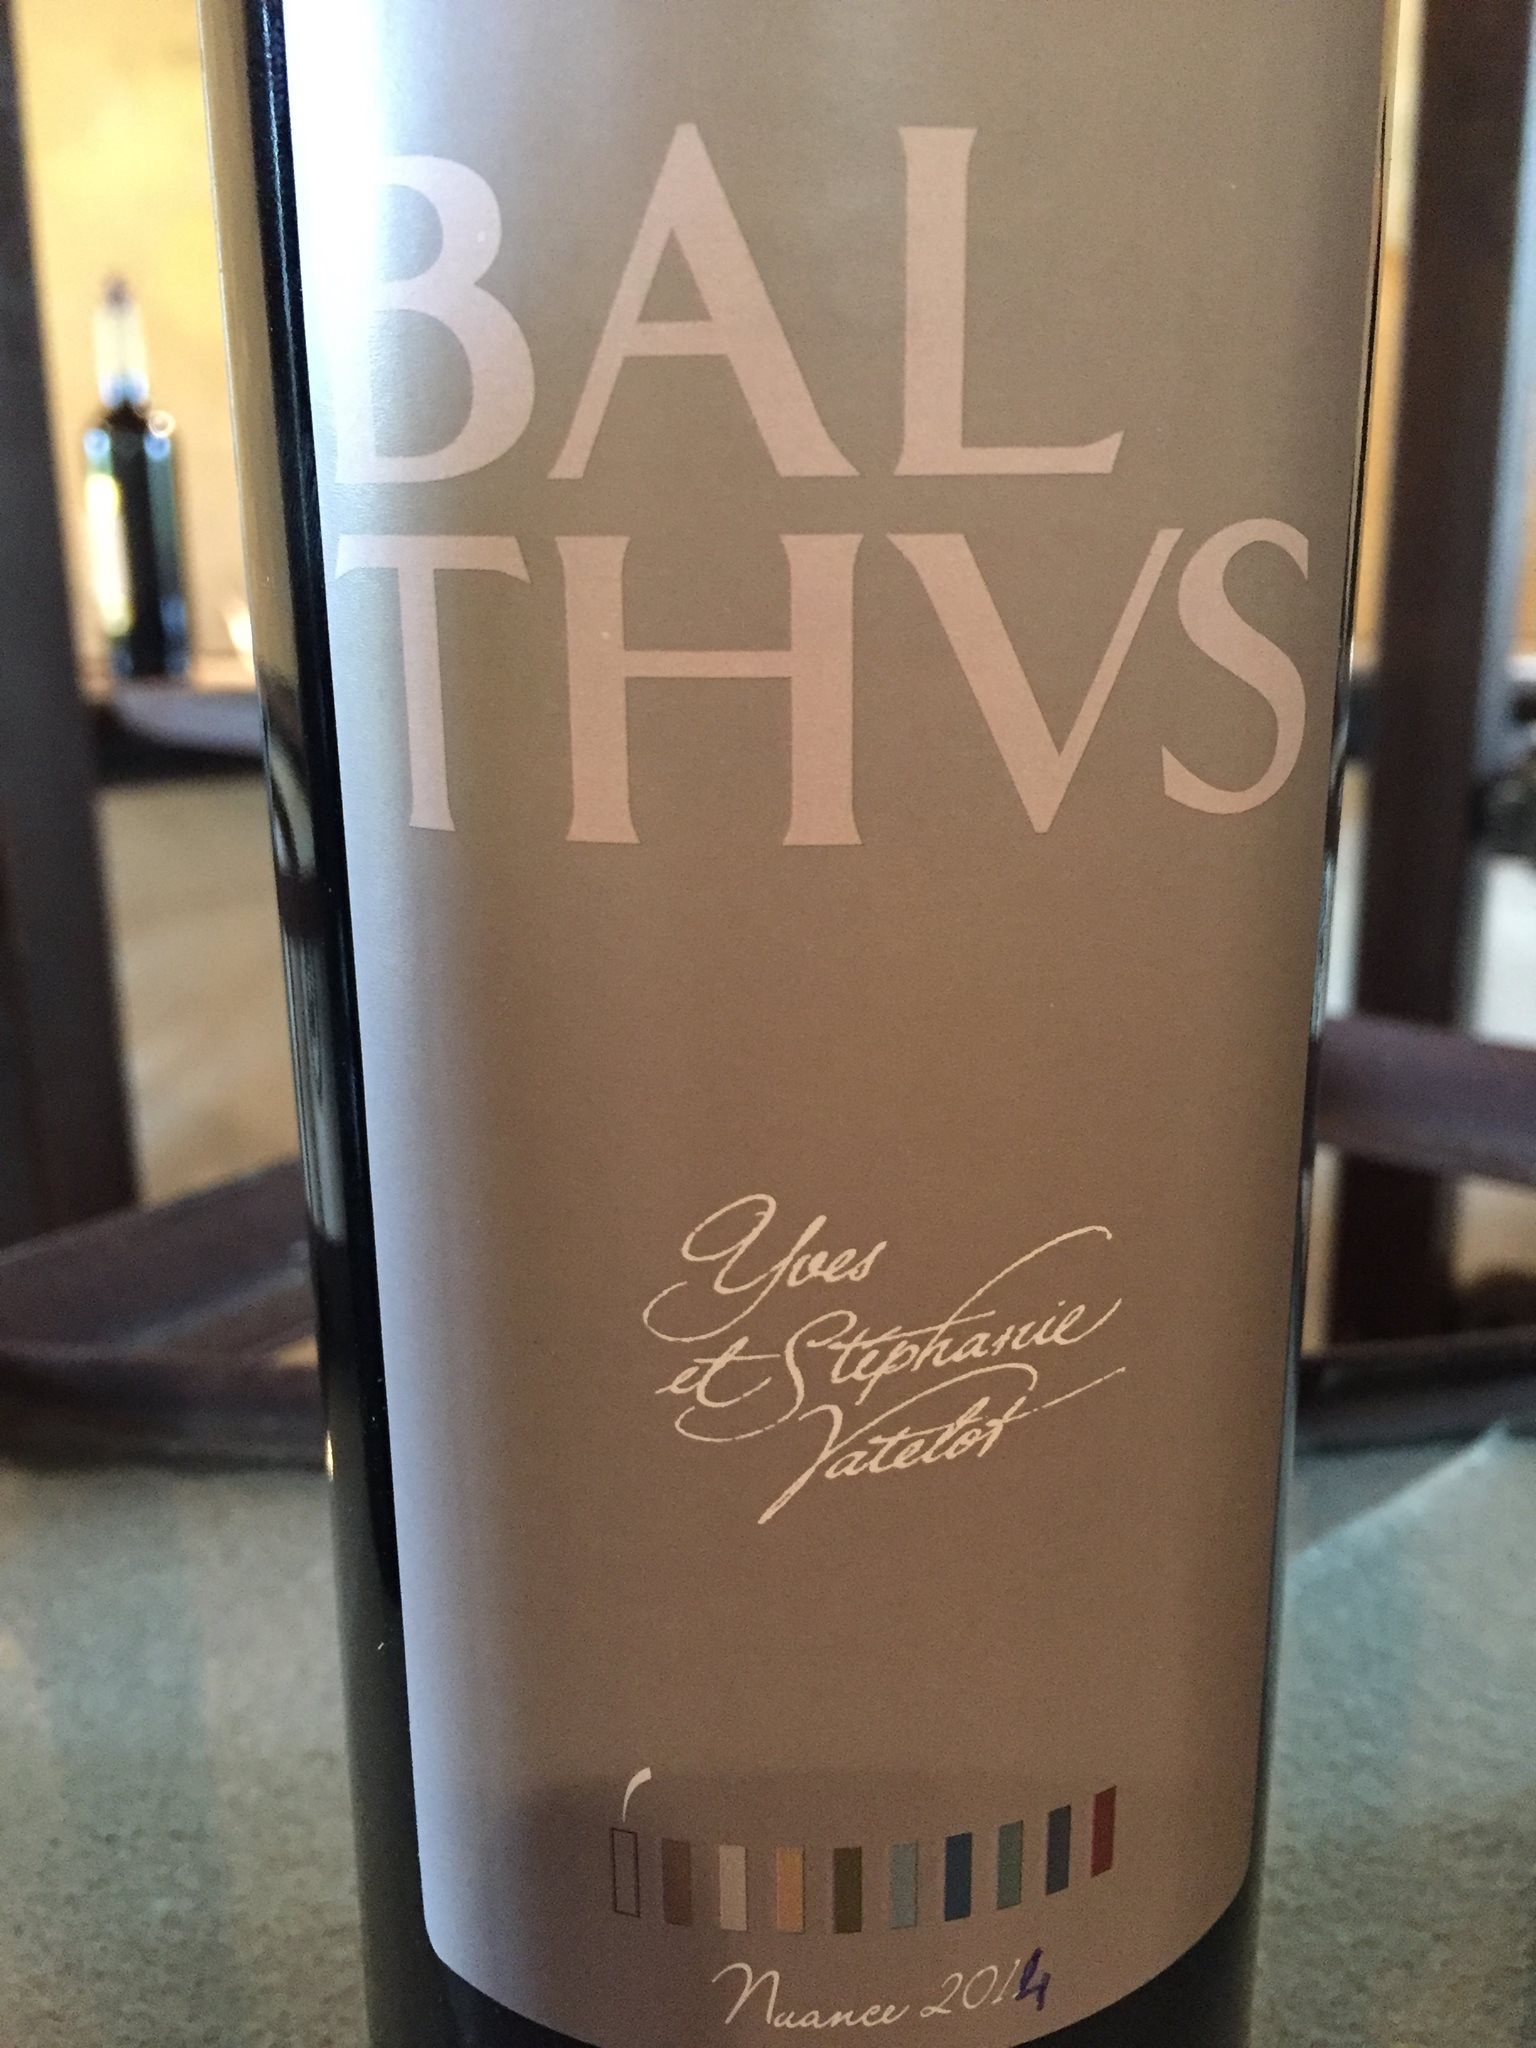 Balthus 2014 – Bordeaux Supérieur